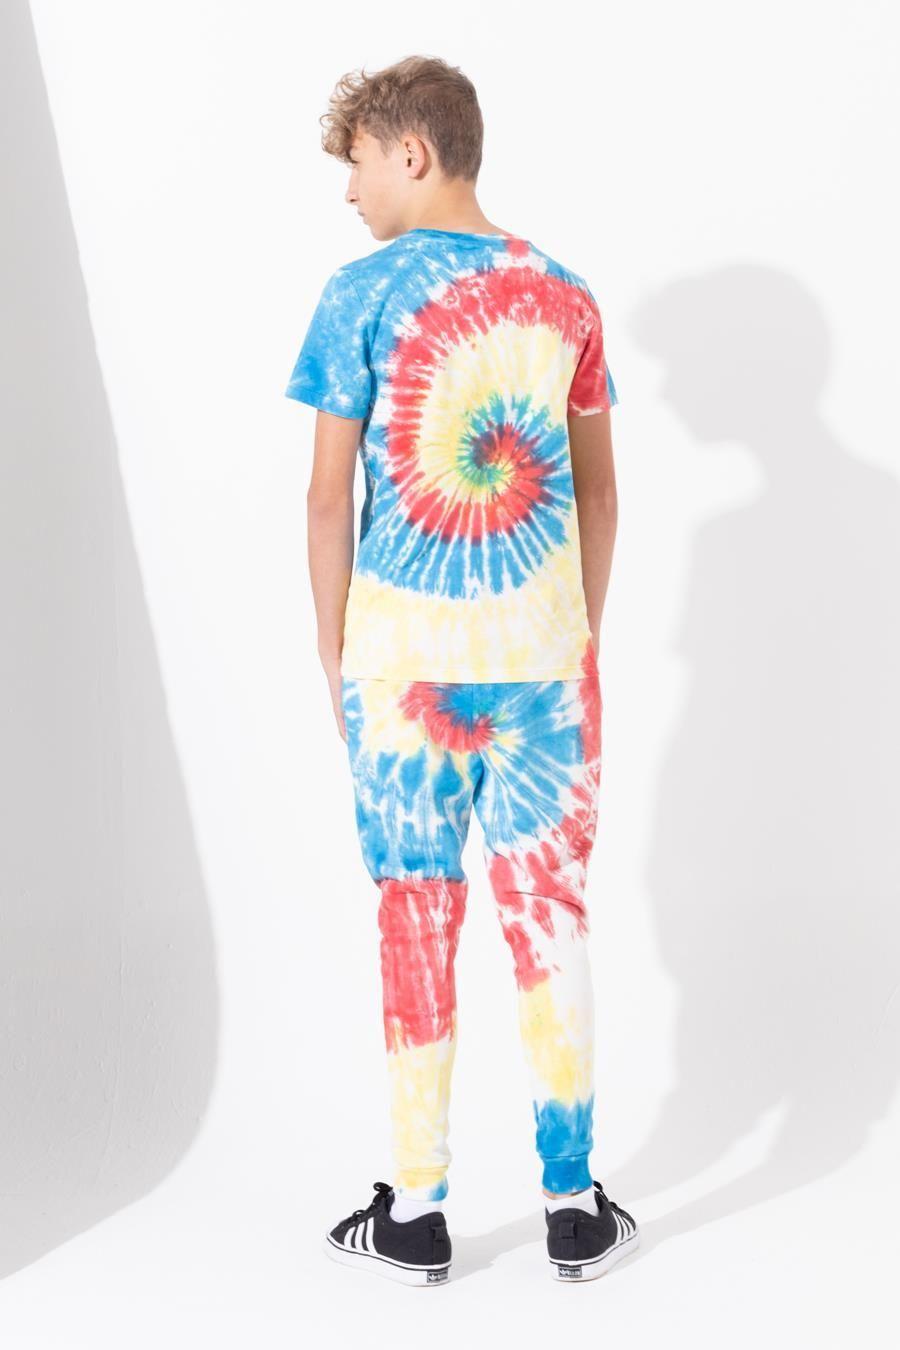 Hype Tie Dye Kids Joggers 13Y